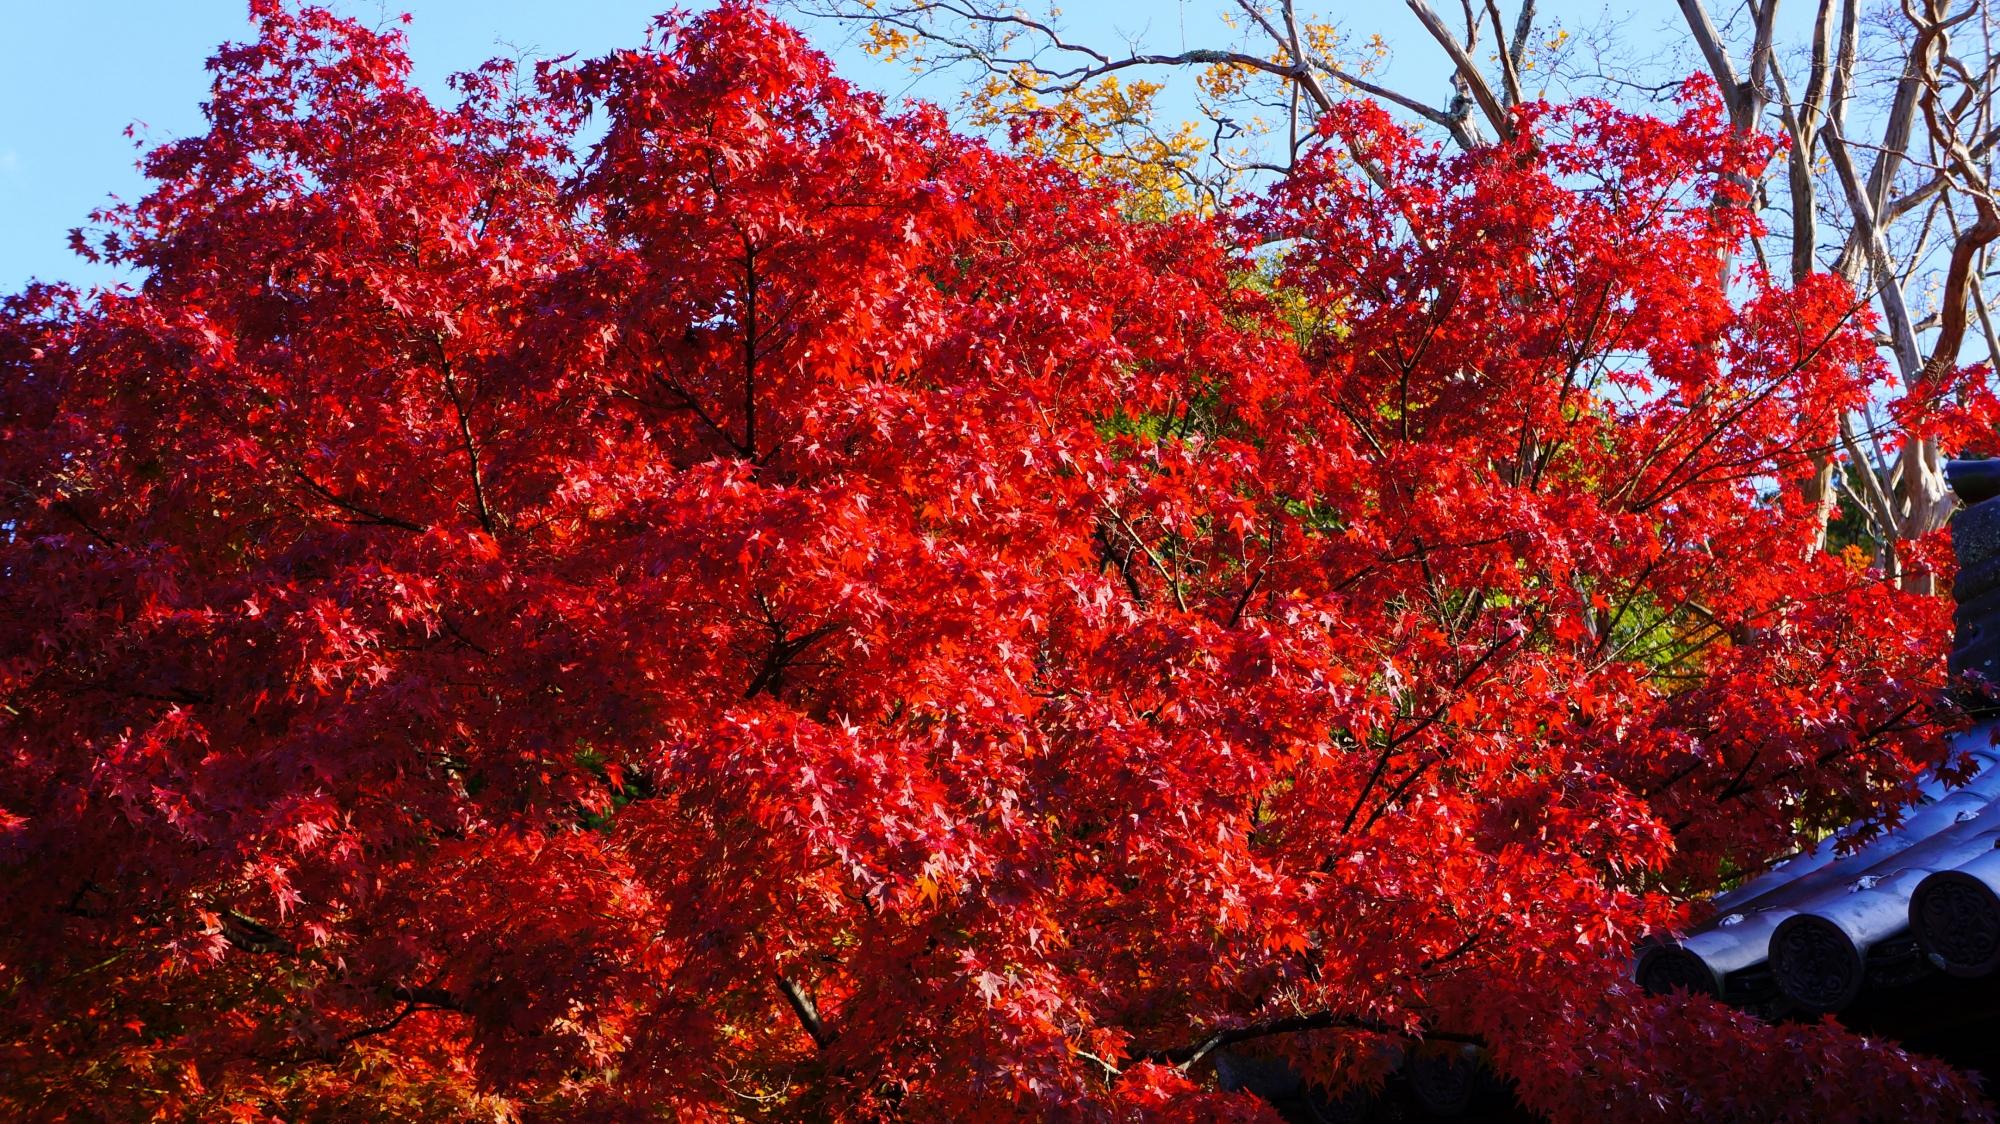 天授庵の弾ける燃えるような真っ赤な紅葉